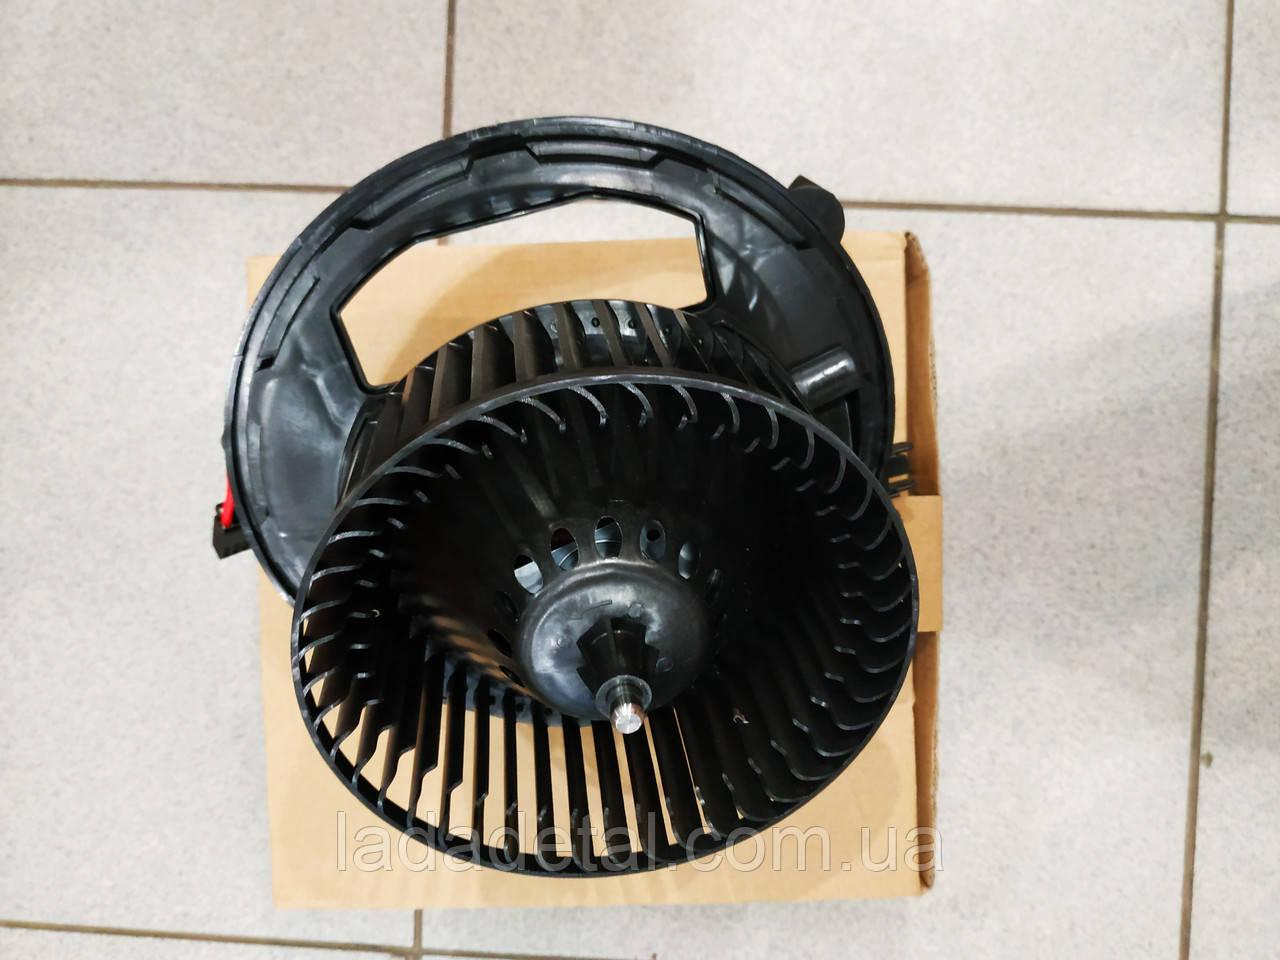 Мотор печки Фольцваген Гольф Volkswagen Golf  / Шкода Октавия Skoda Octavia A7 5Q1819021